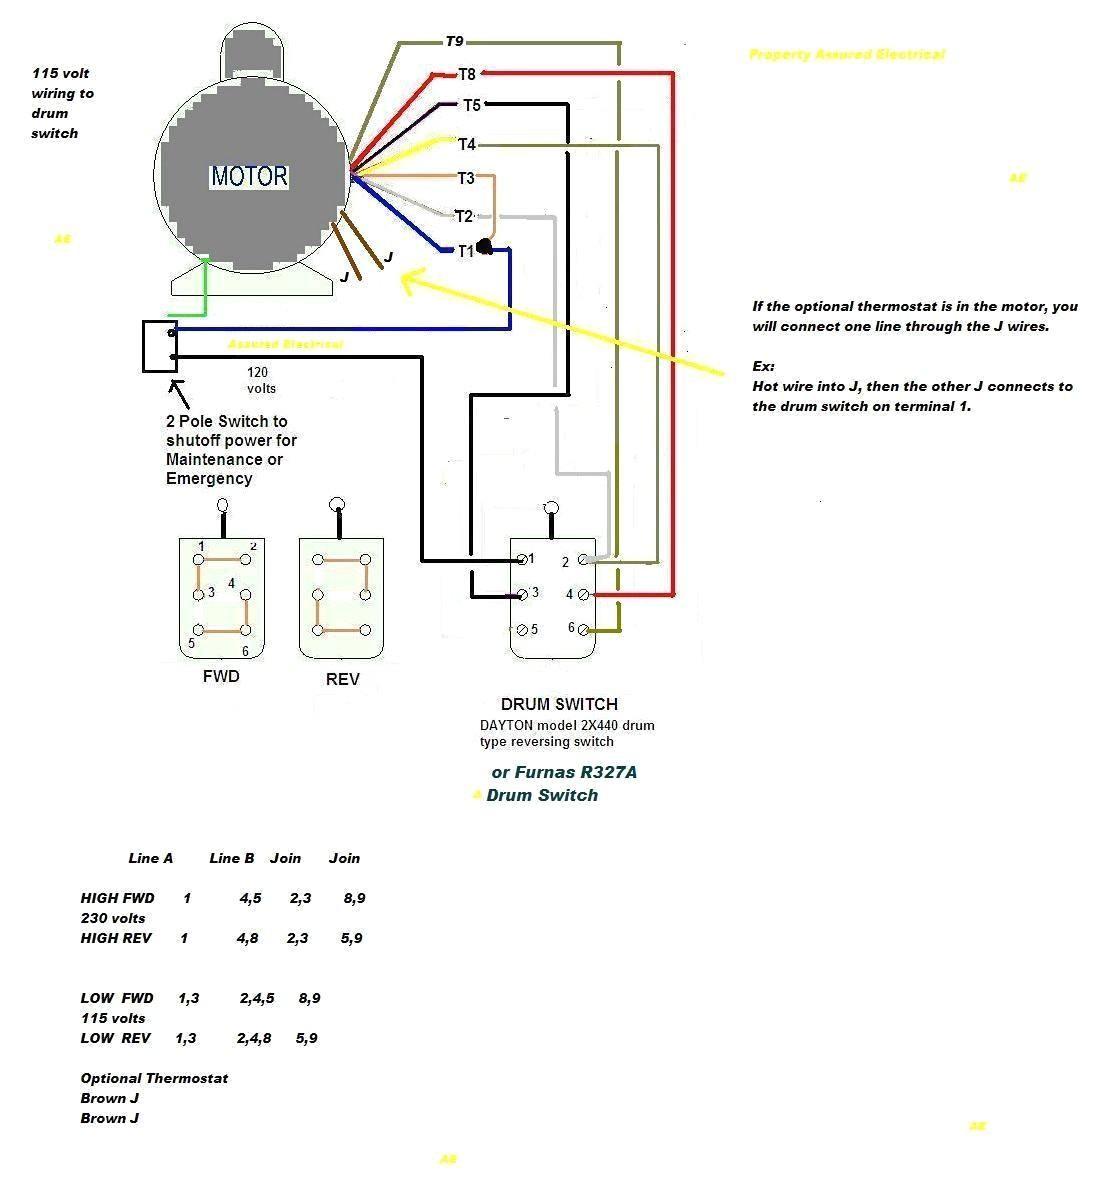 hight resolution of drum switch wiring ac wiring diagram name drum switch wiring ac wiring diagram schema drum switch